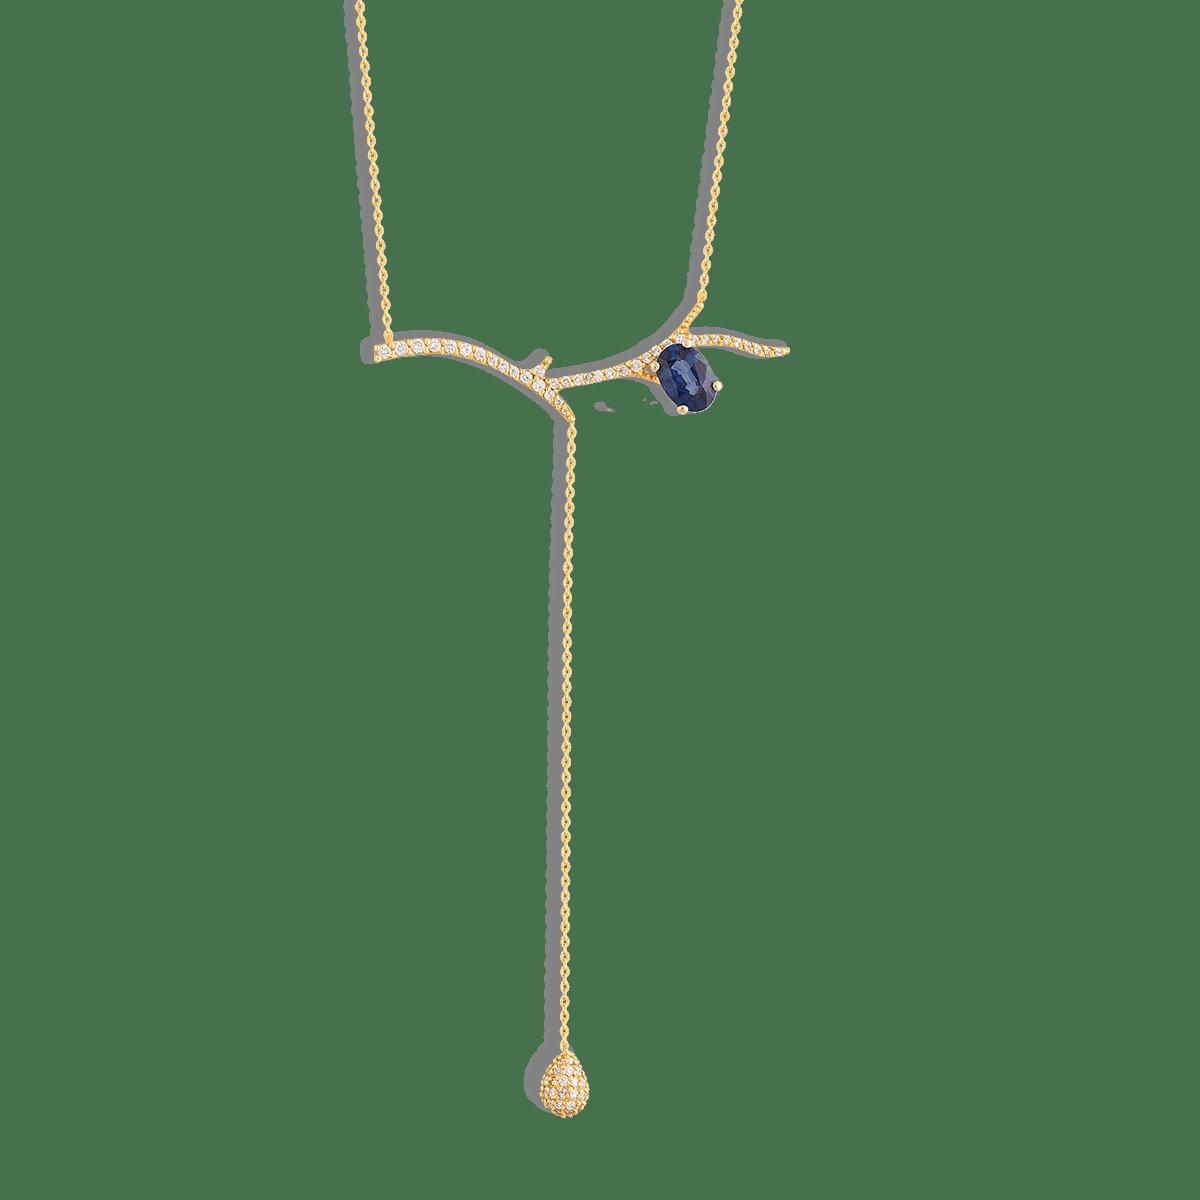 گردنبند طلا یاقوت کبود